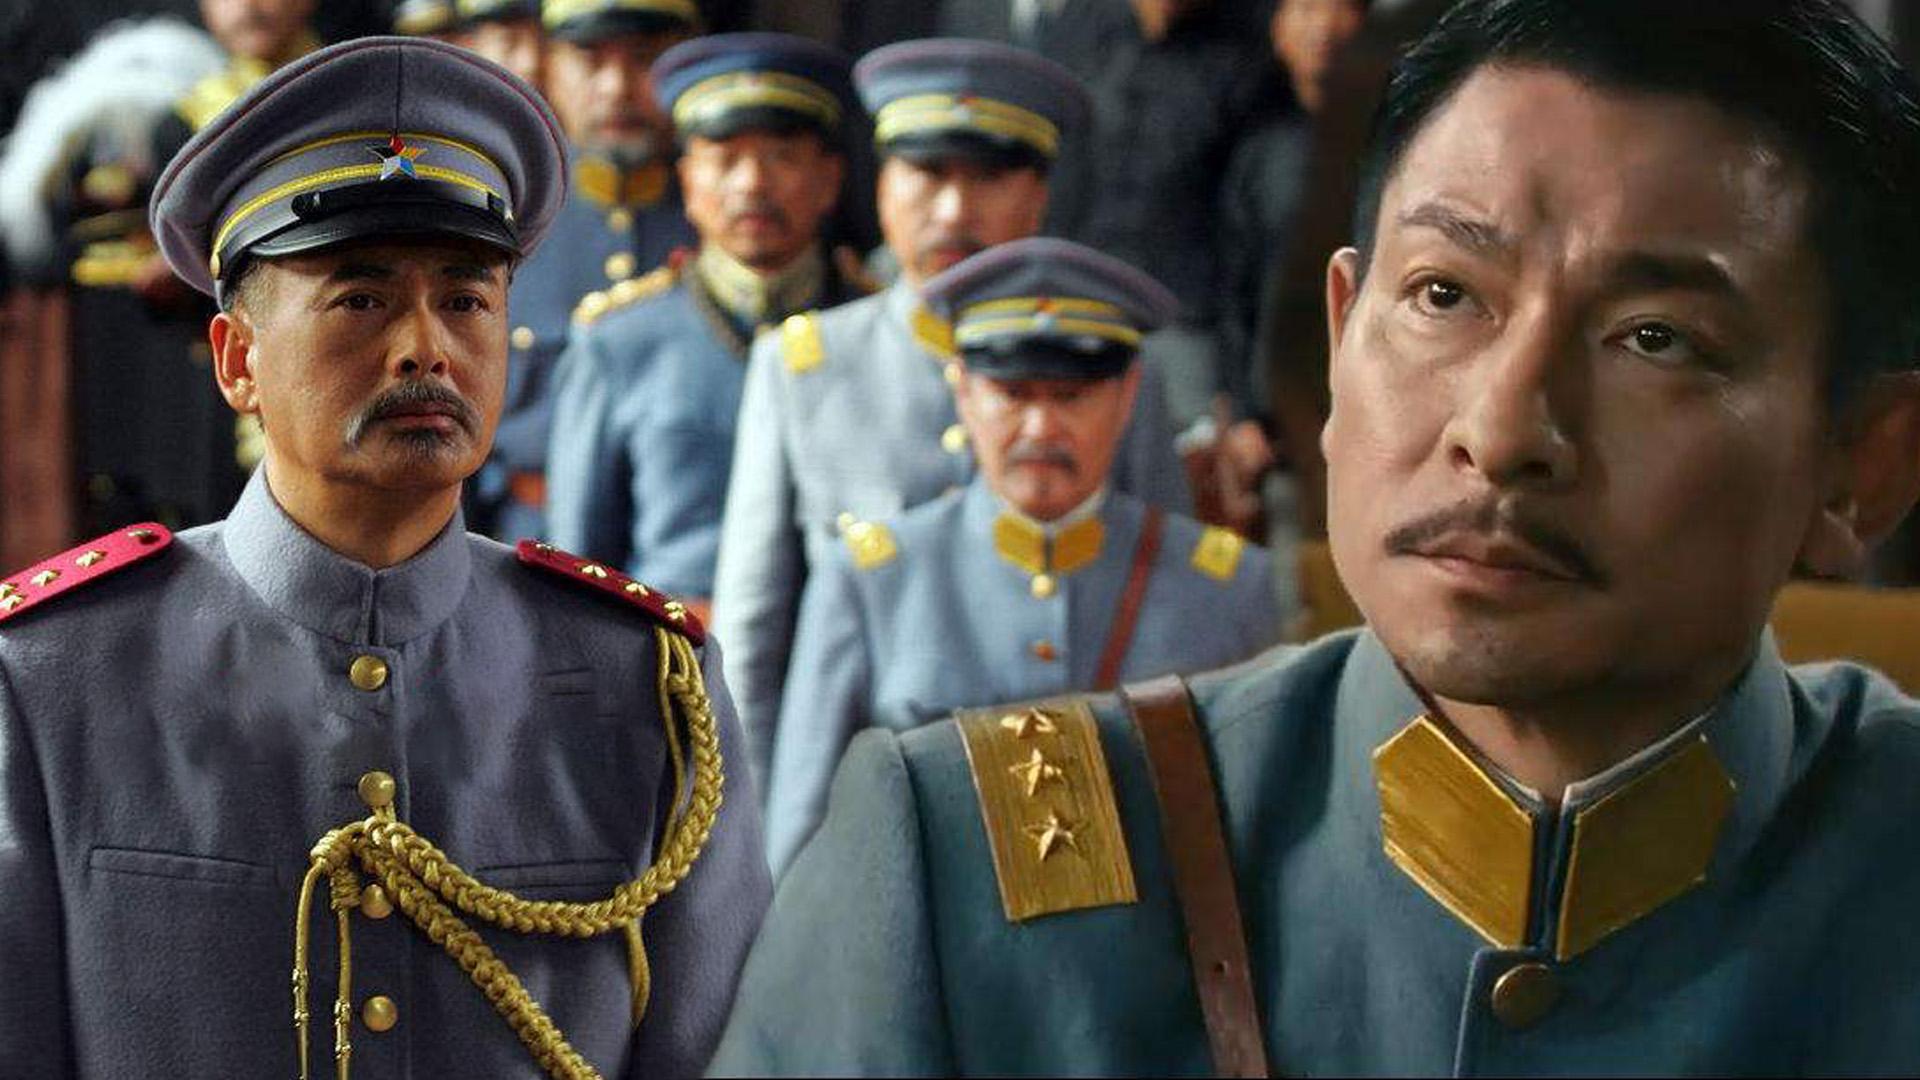 七一建党纪念日,周润发、刘德华等倾情演绎这部建党史诗级电影